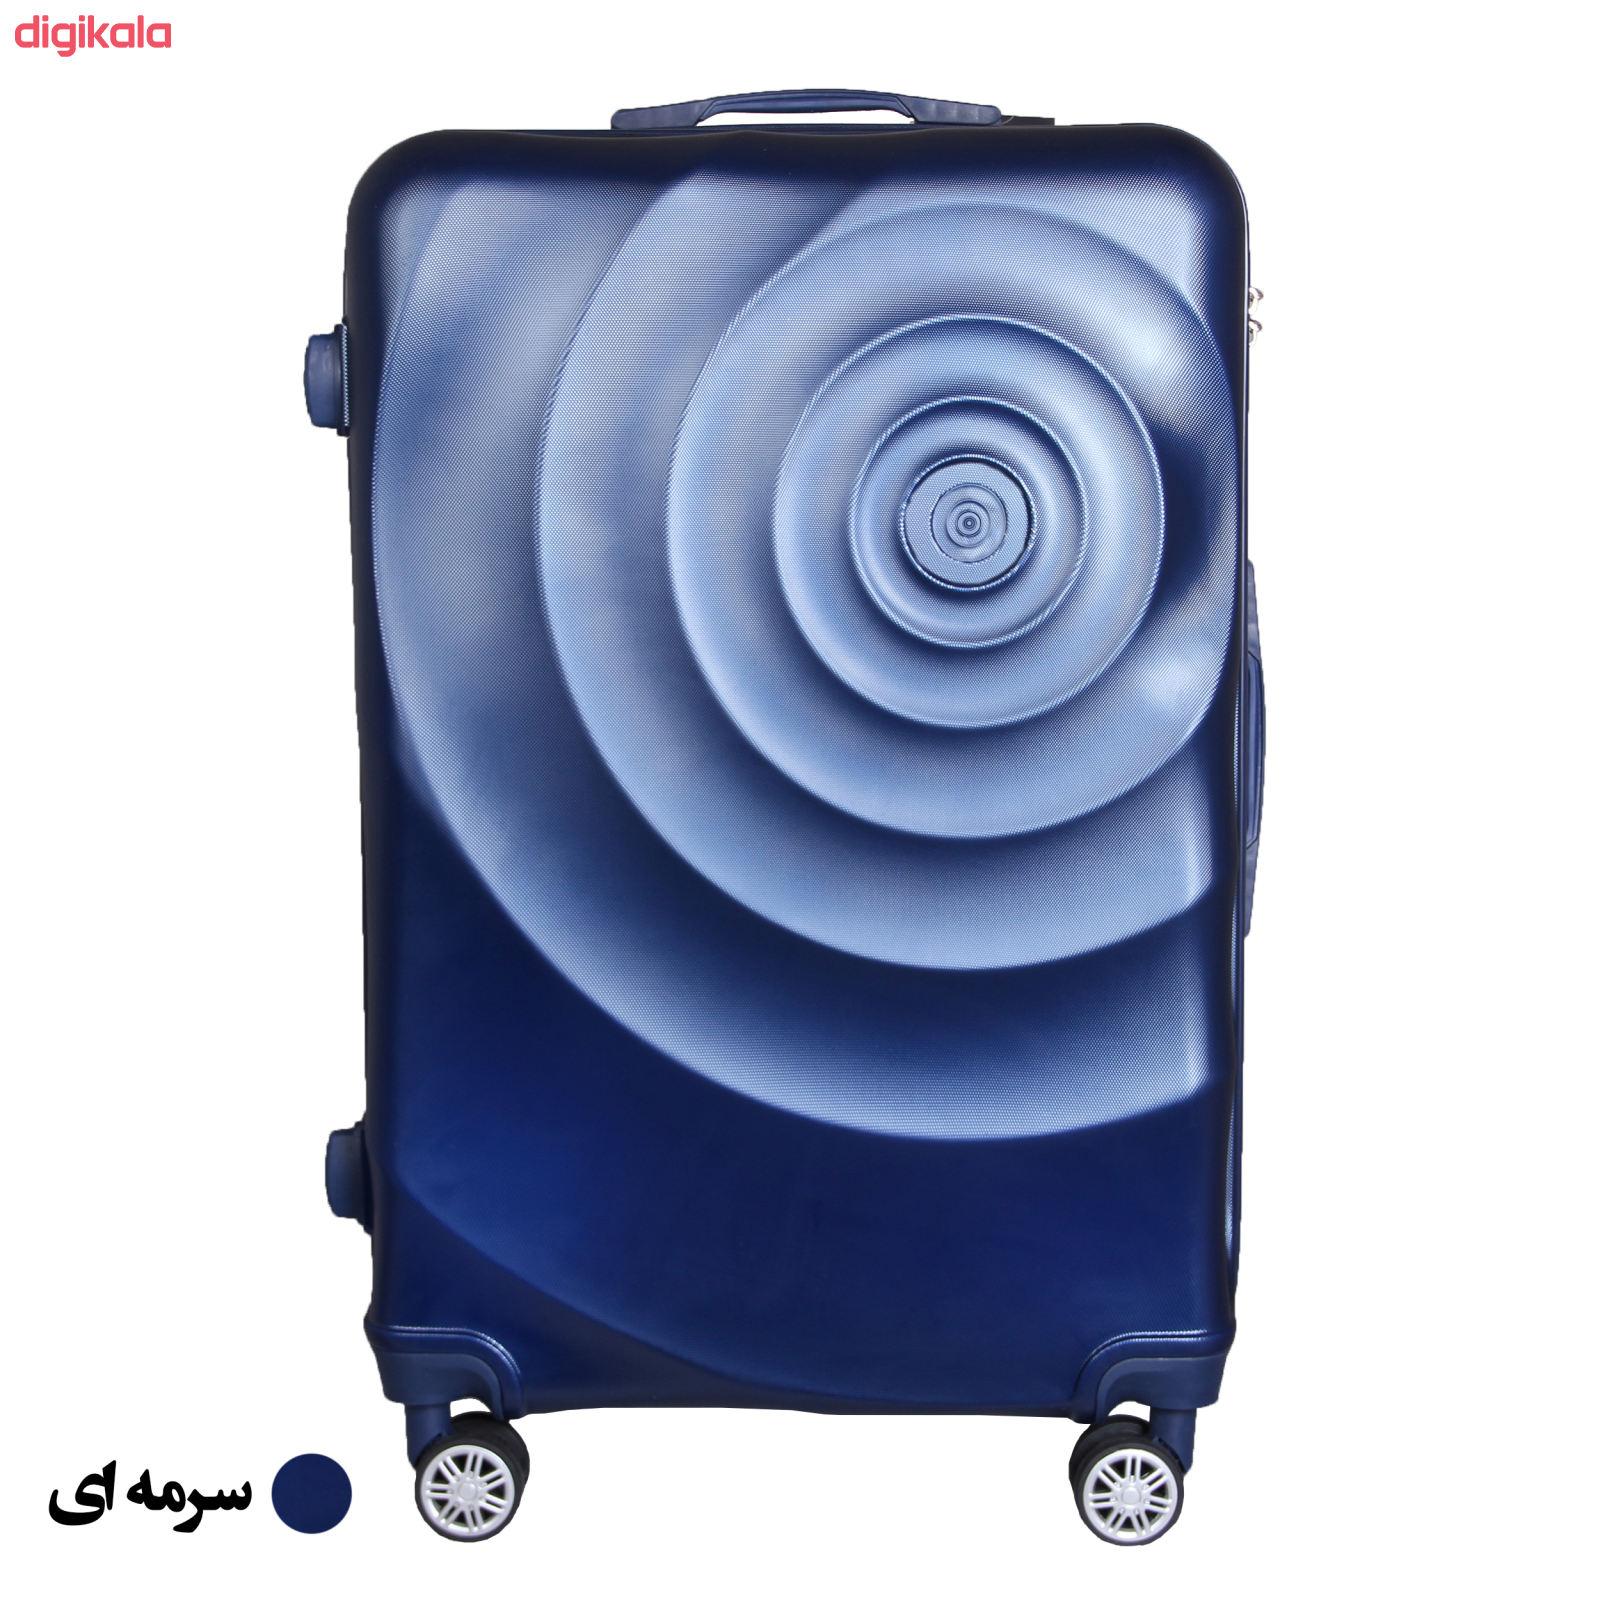 مجموعه چهار عددی چمدان مدل 319363 main 1 36